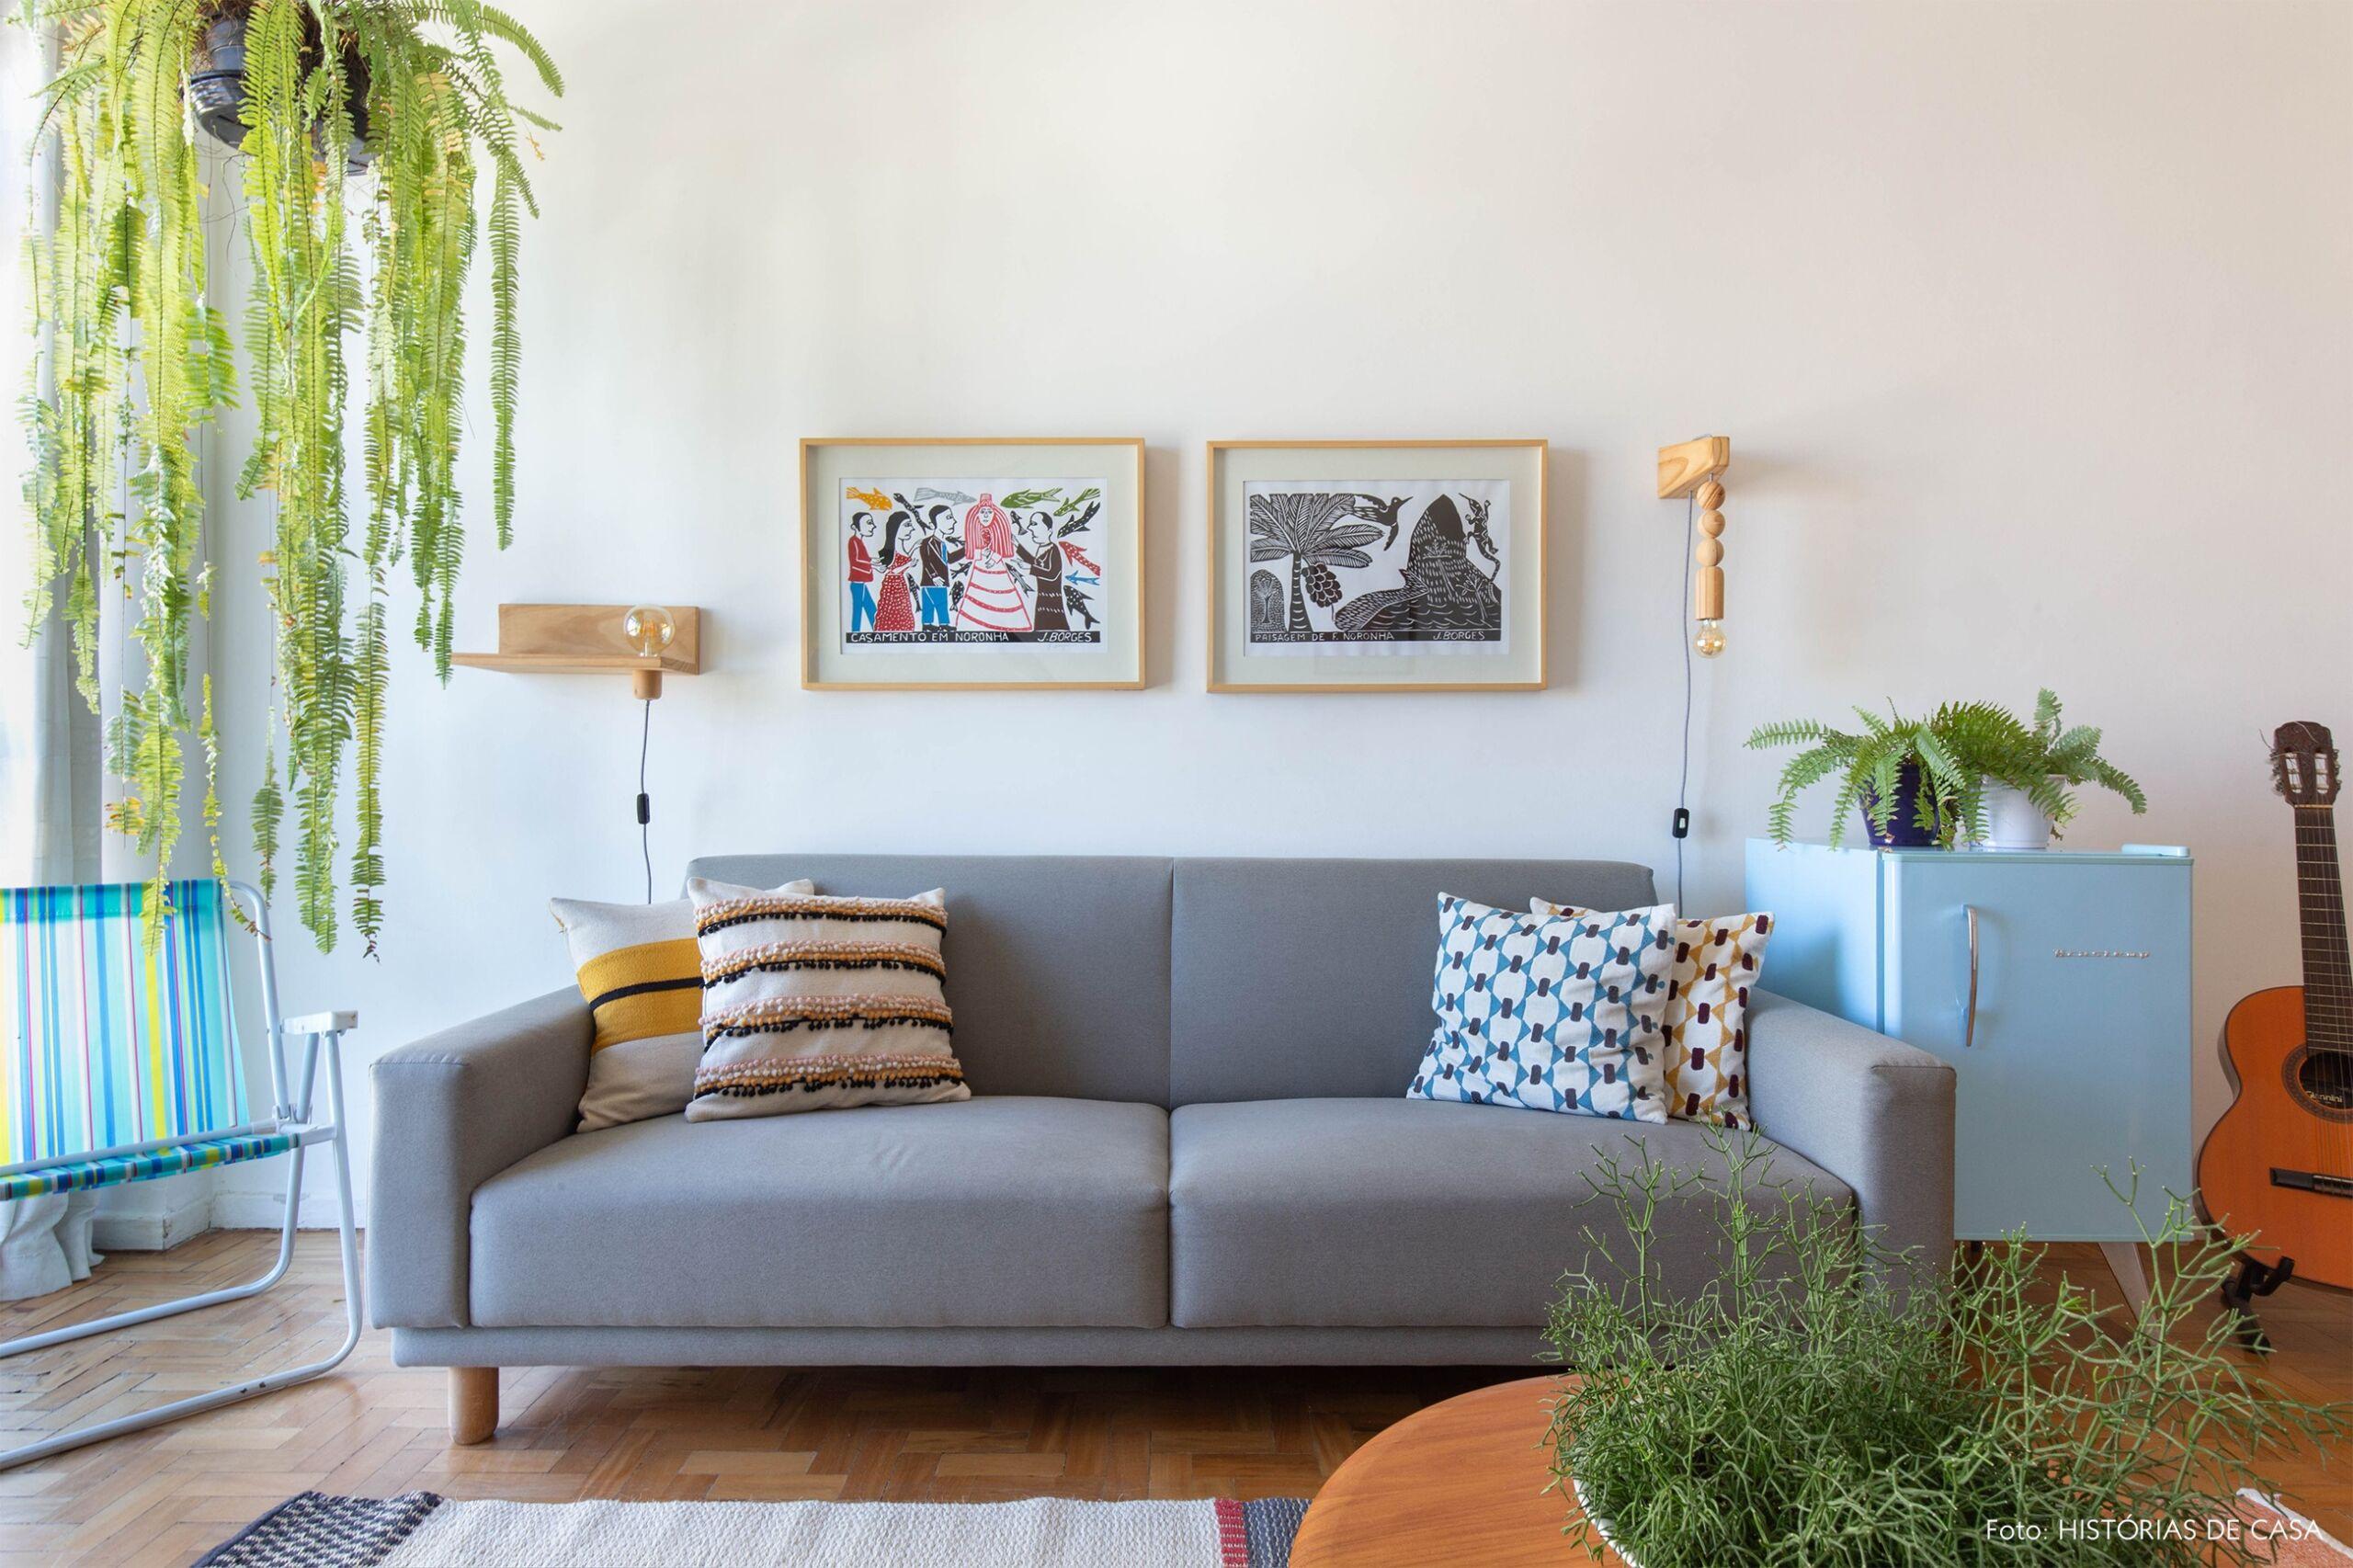 decoração quadros obrah sala cadeira praia luminaria madeira